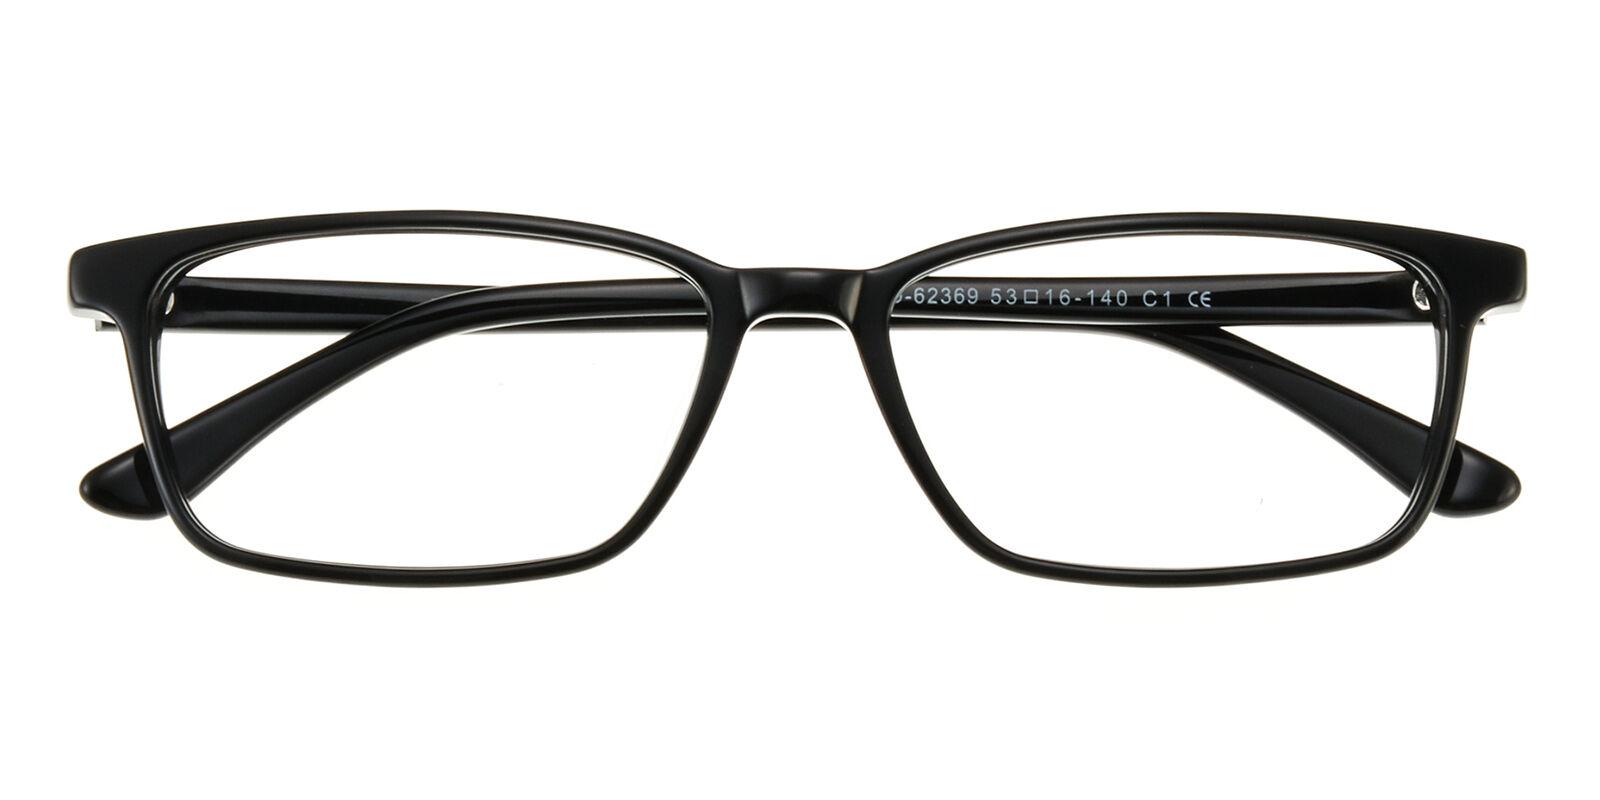 GlassesShop Kid's Rectangle Eyeglasses, Full Frame Plastic Black - FZ1158